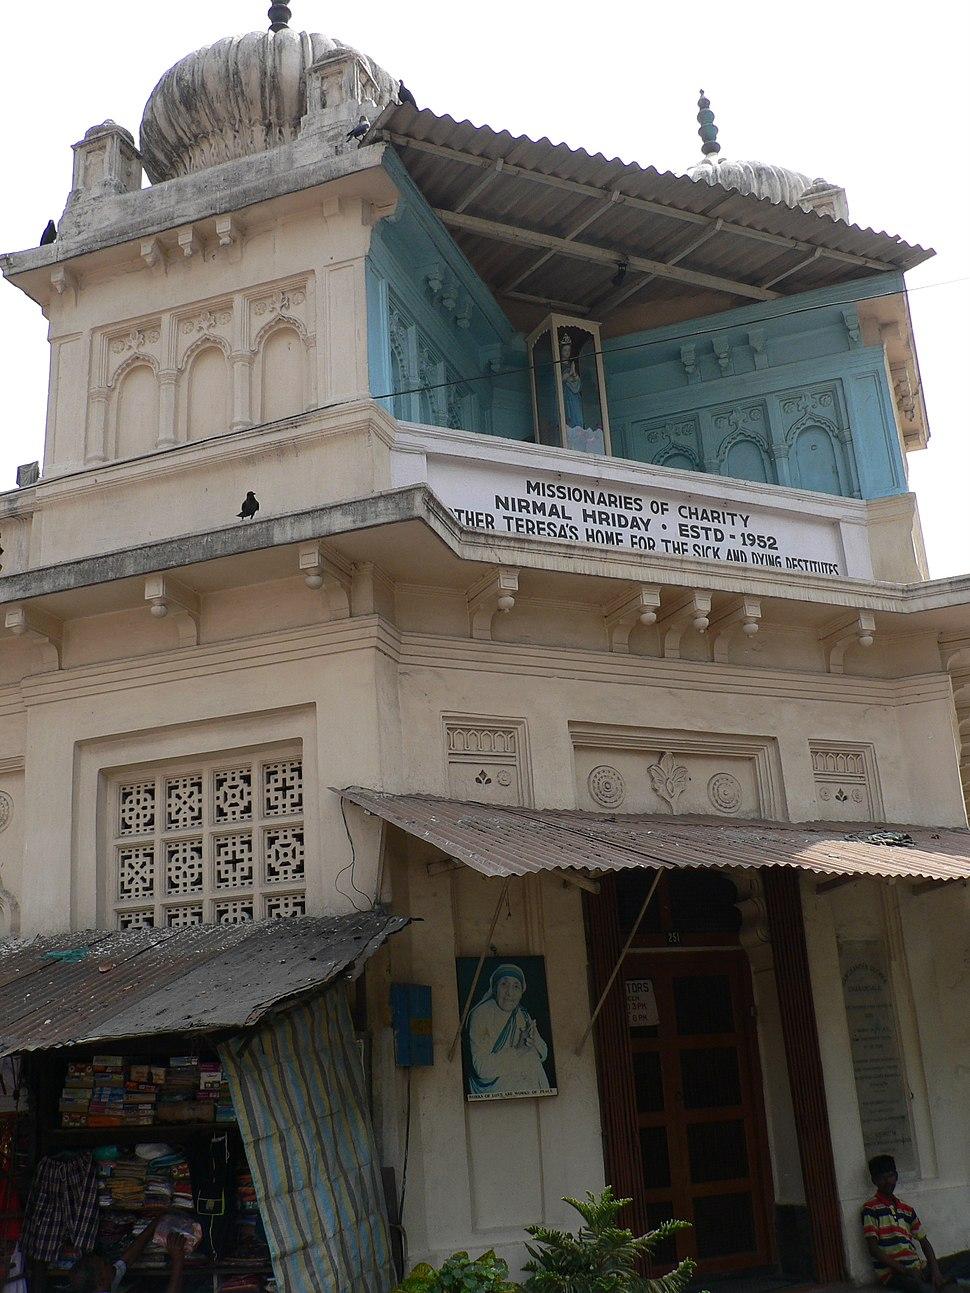 Nirmal Hriday facade